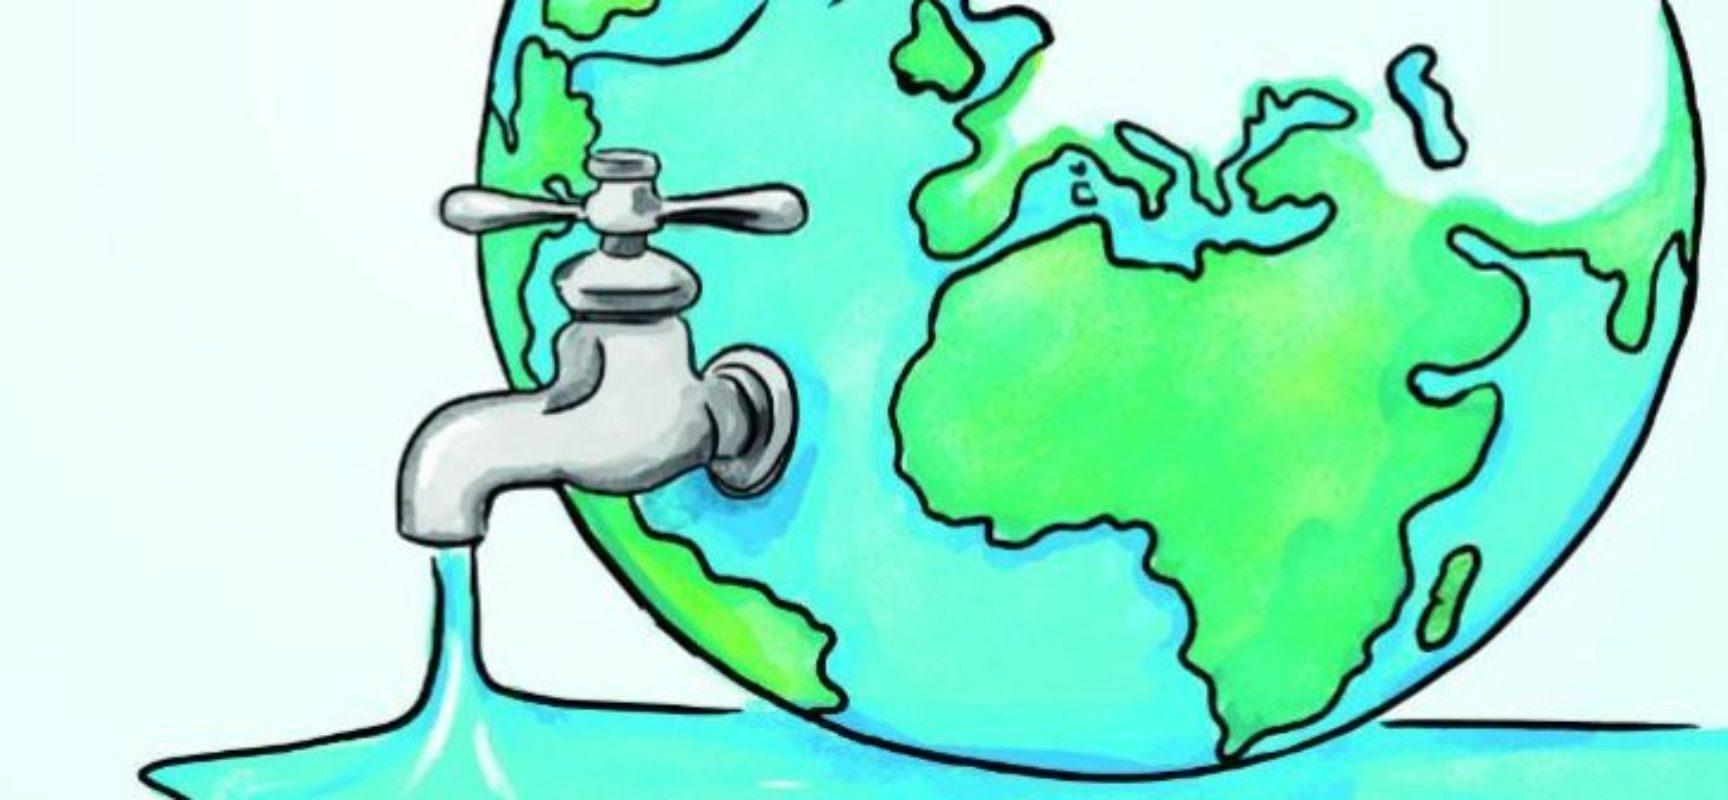 5,5 milhões de brasileiros sem água tratada e quase 22 milhões sem esgotos nas 100 maiores cidades, segundo novo Ranking do Saneamento